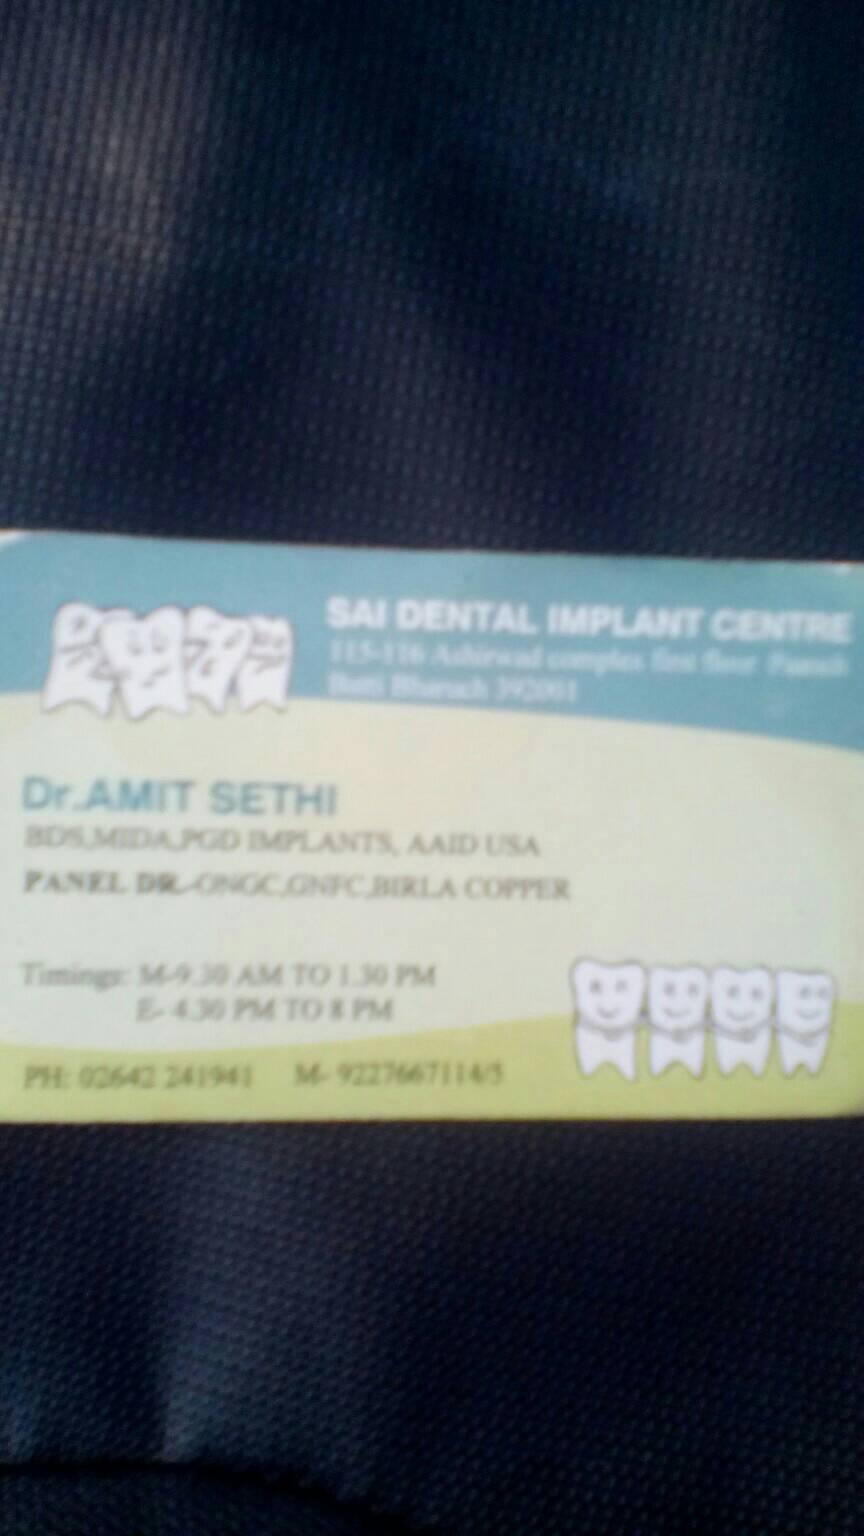 Sai Dental Implant Center